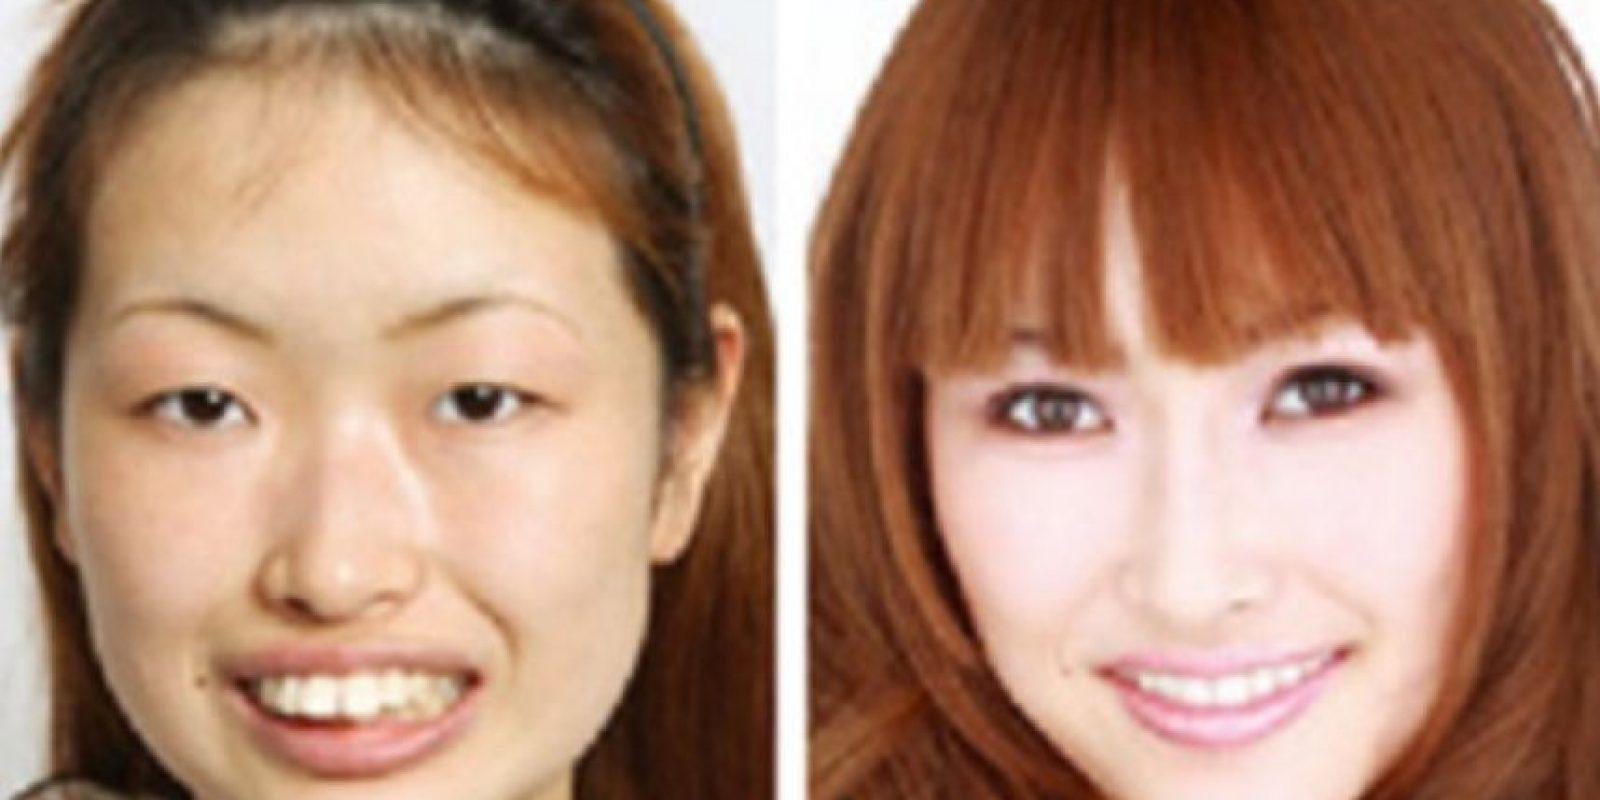 Las mujeres dicen sentirse más seguras consigo mismas. Foto: vía Korean Plastic Surgery /Tumblr